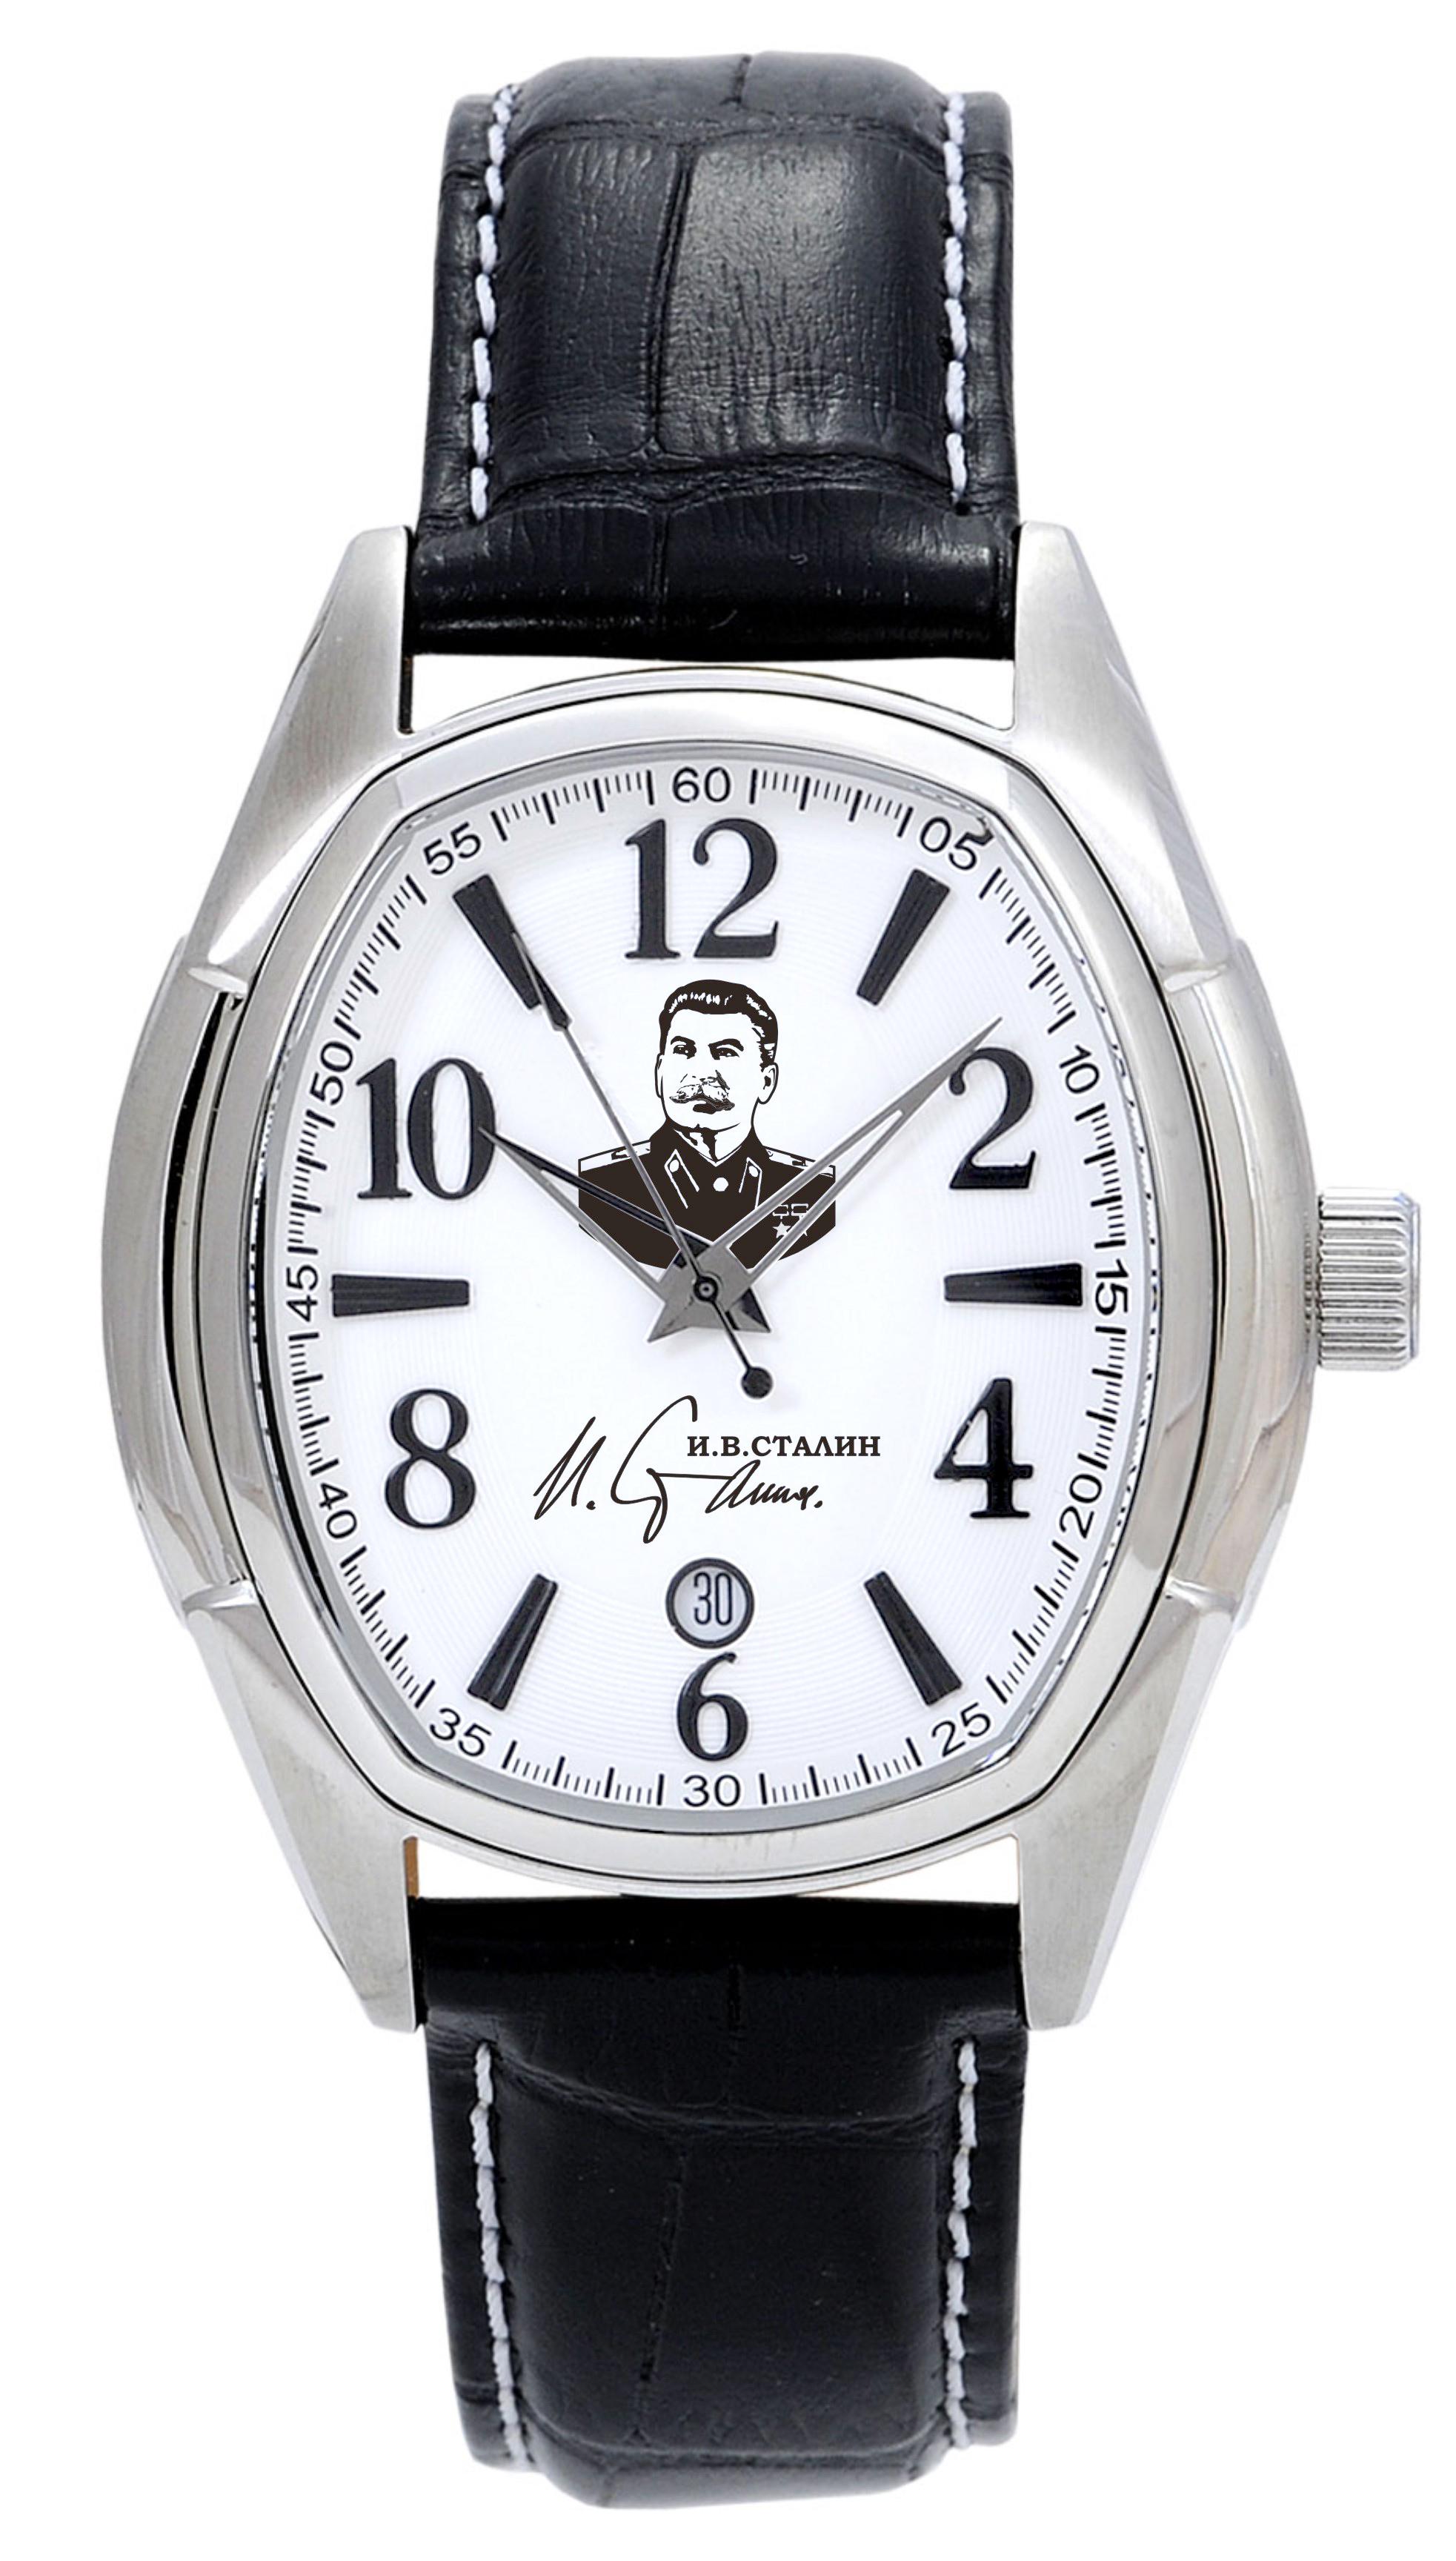 Мужские наручные часы механика российского производства купить копию часов corum